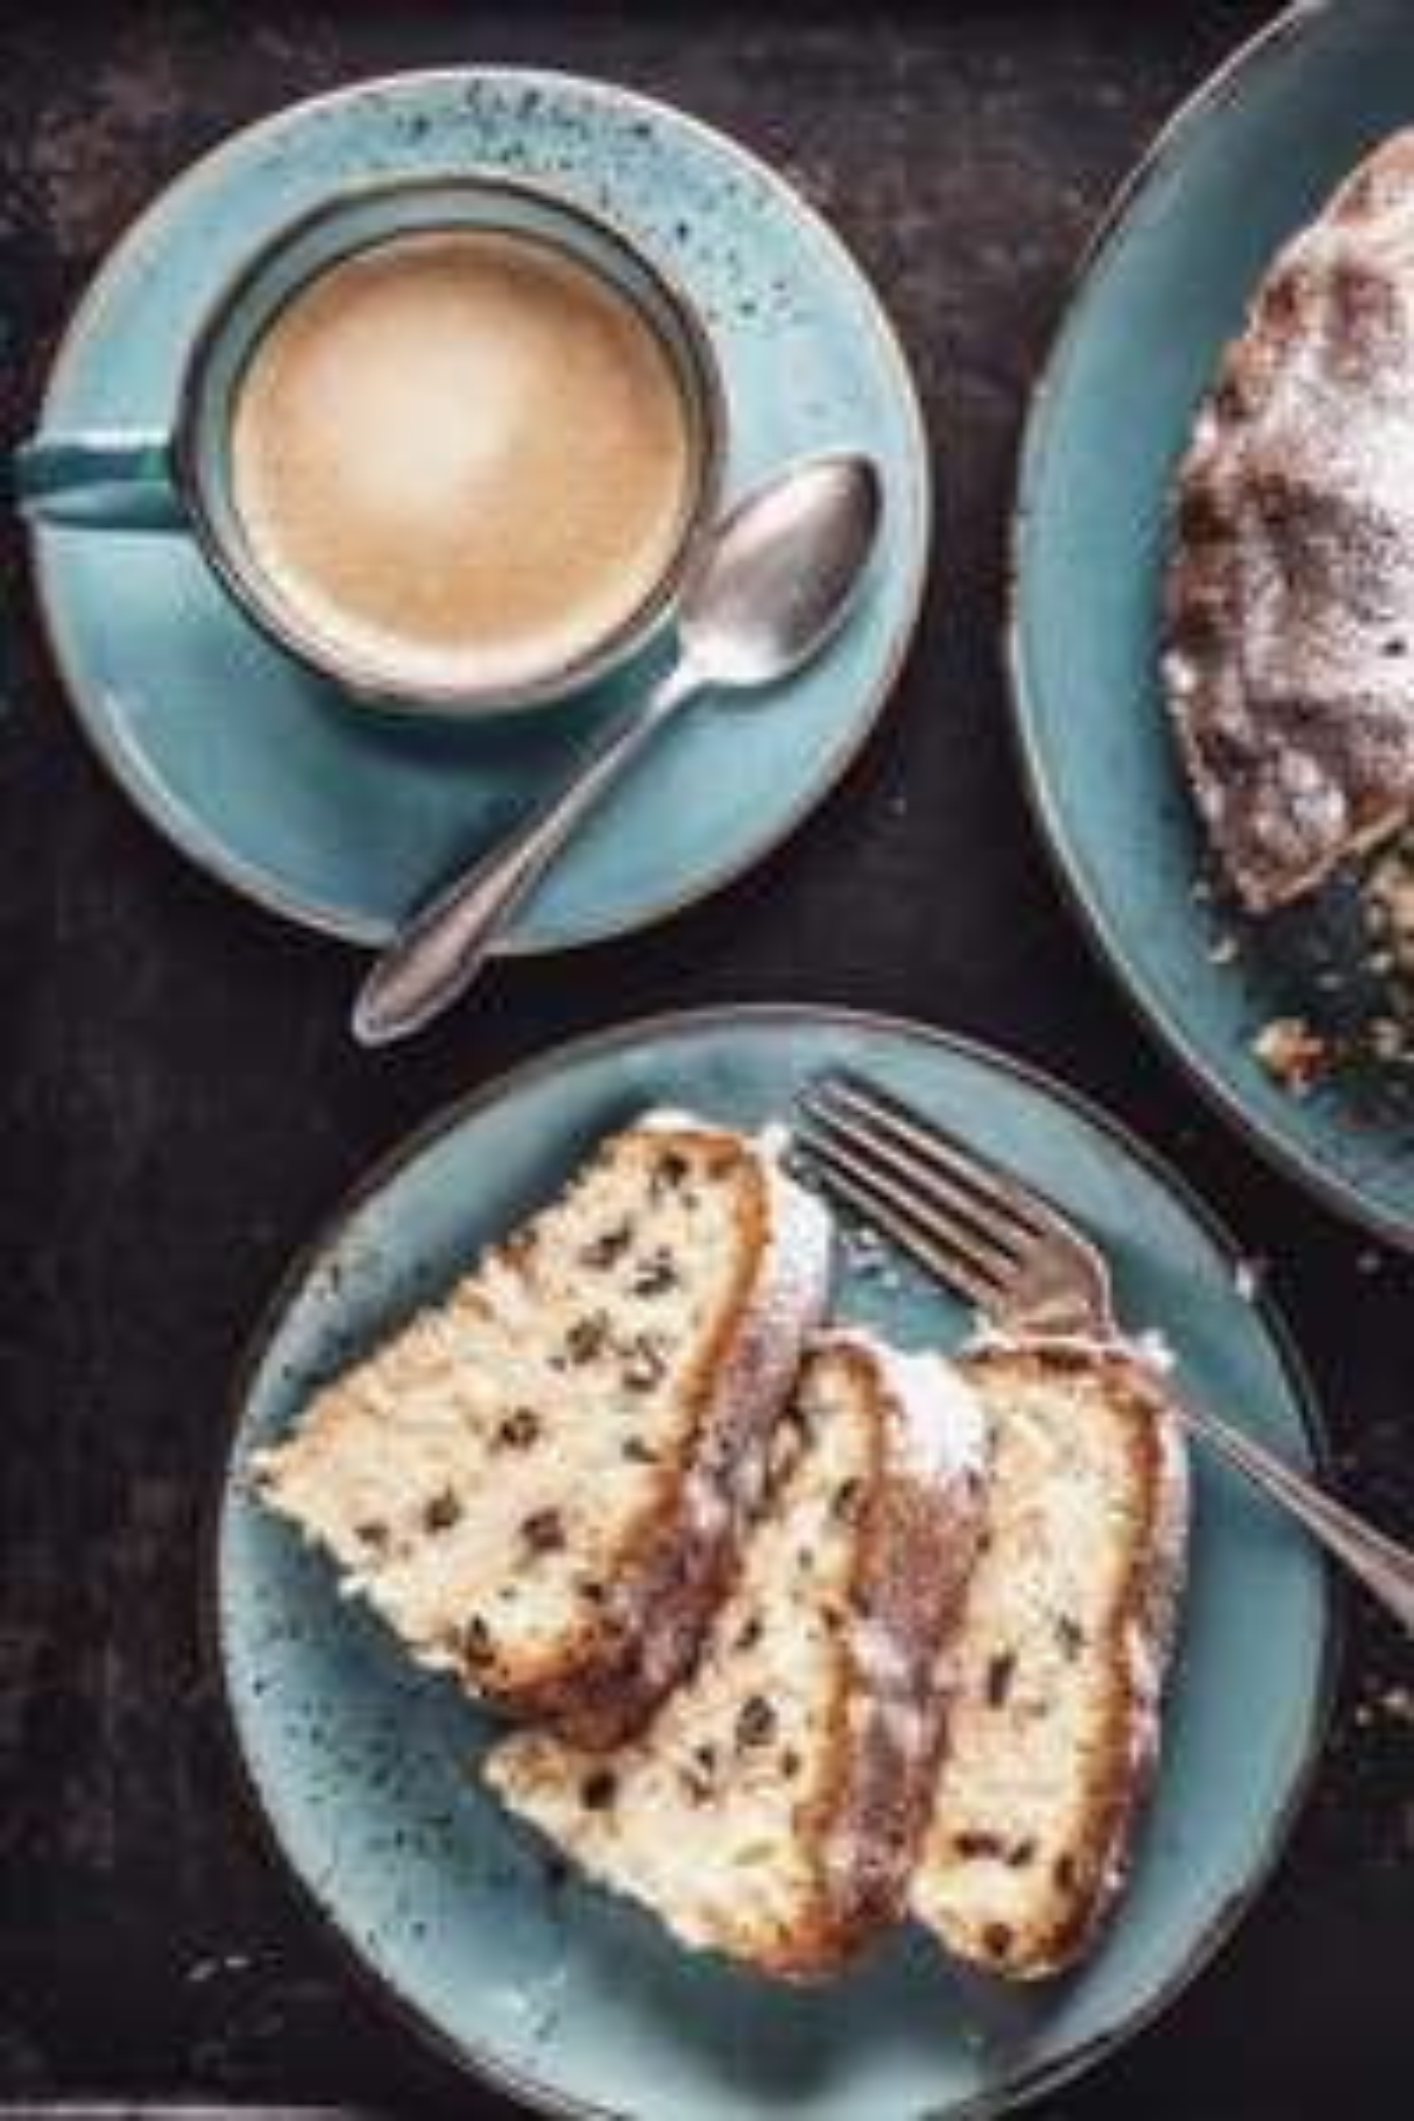 Mittagsmenü bezahlen + gratis Dessert + gratis Kaffee im LAURENZ erhalten, 1050 Wien